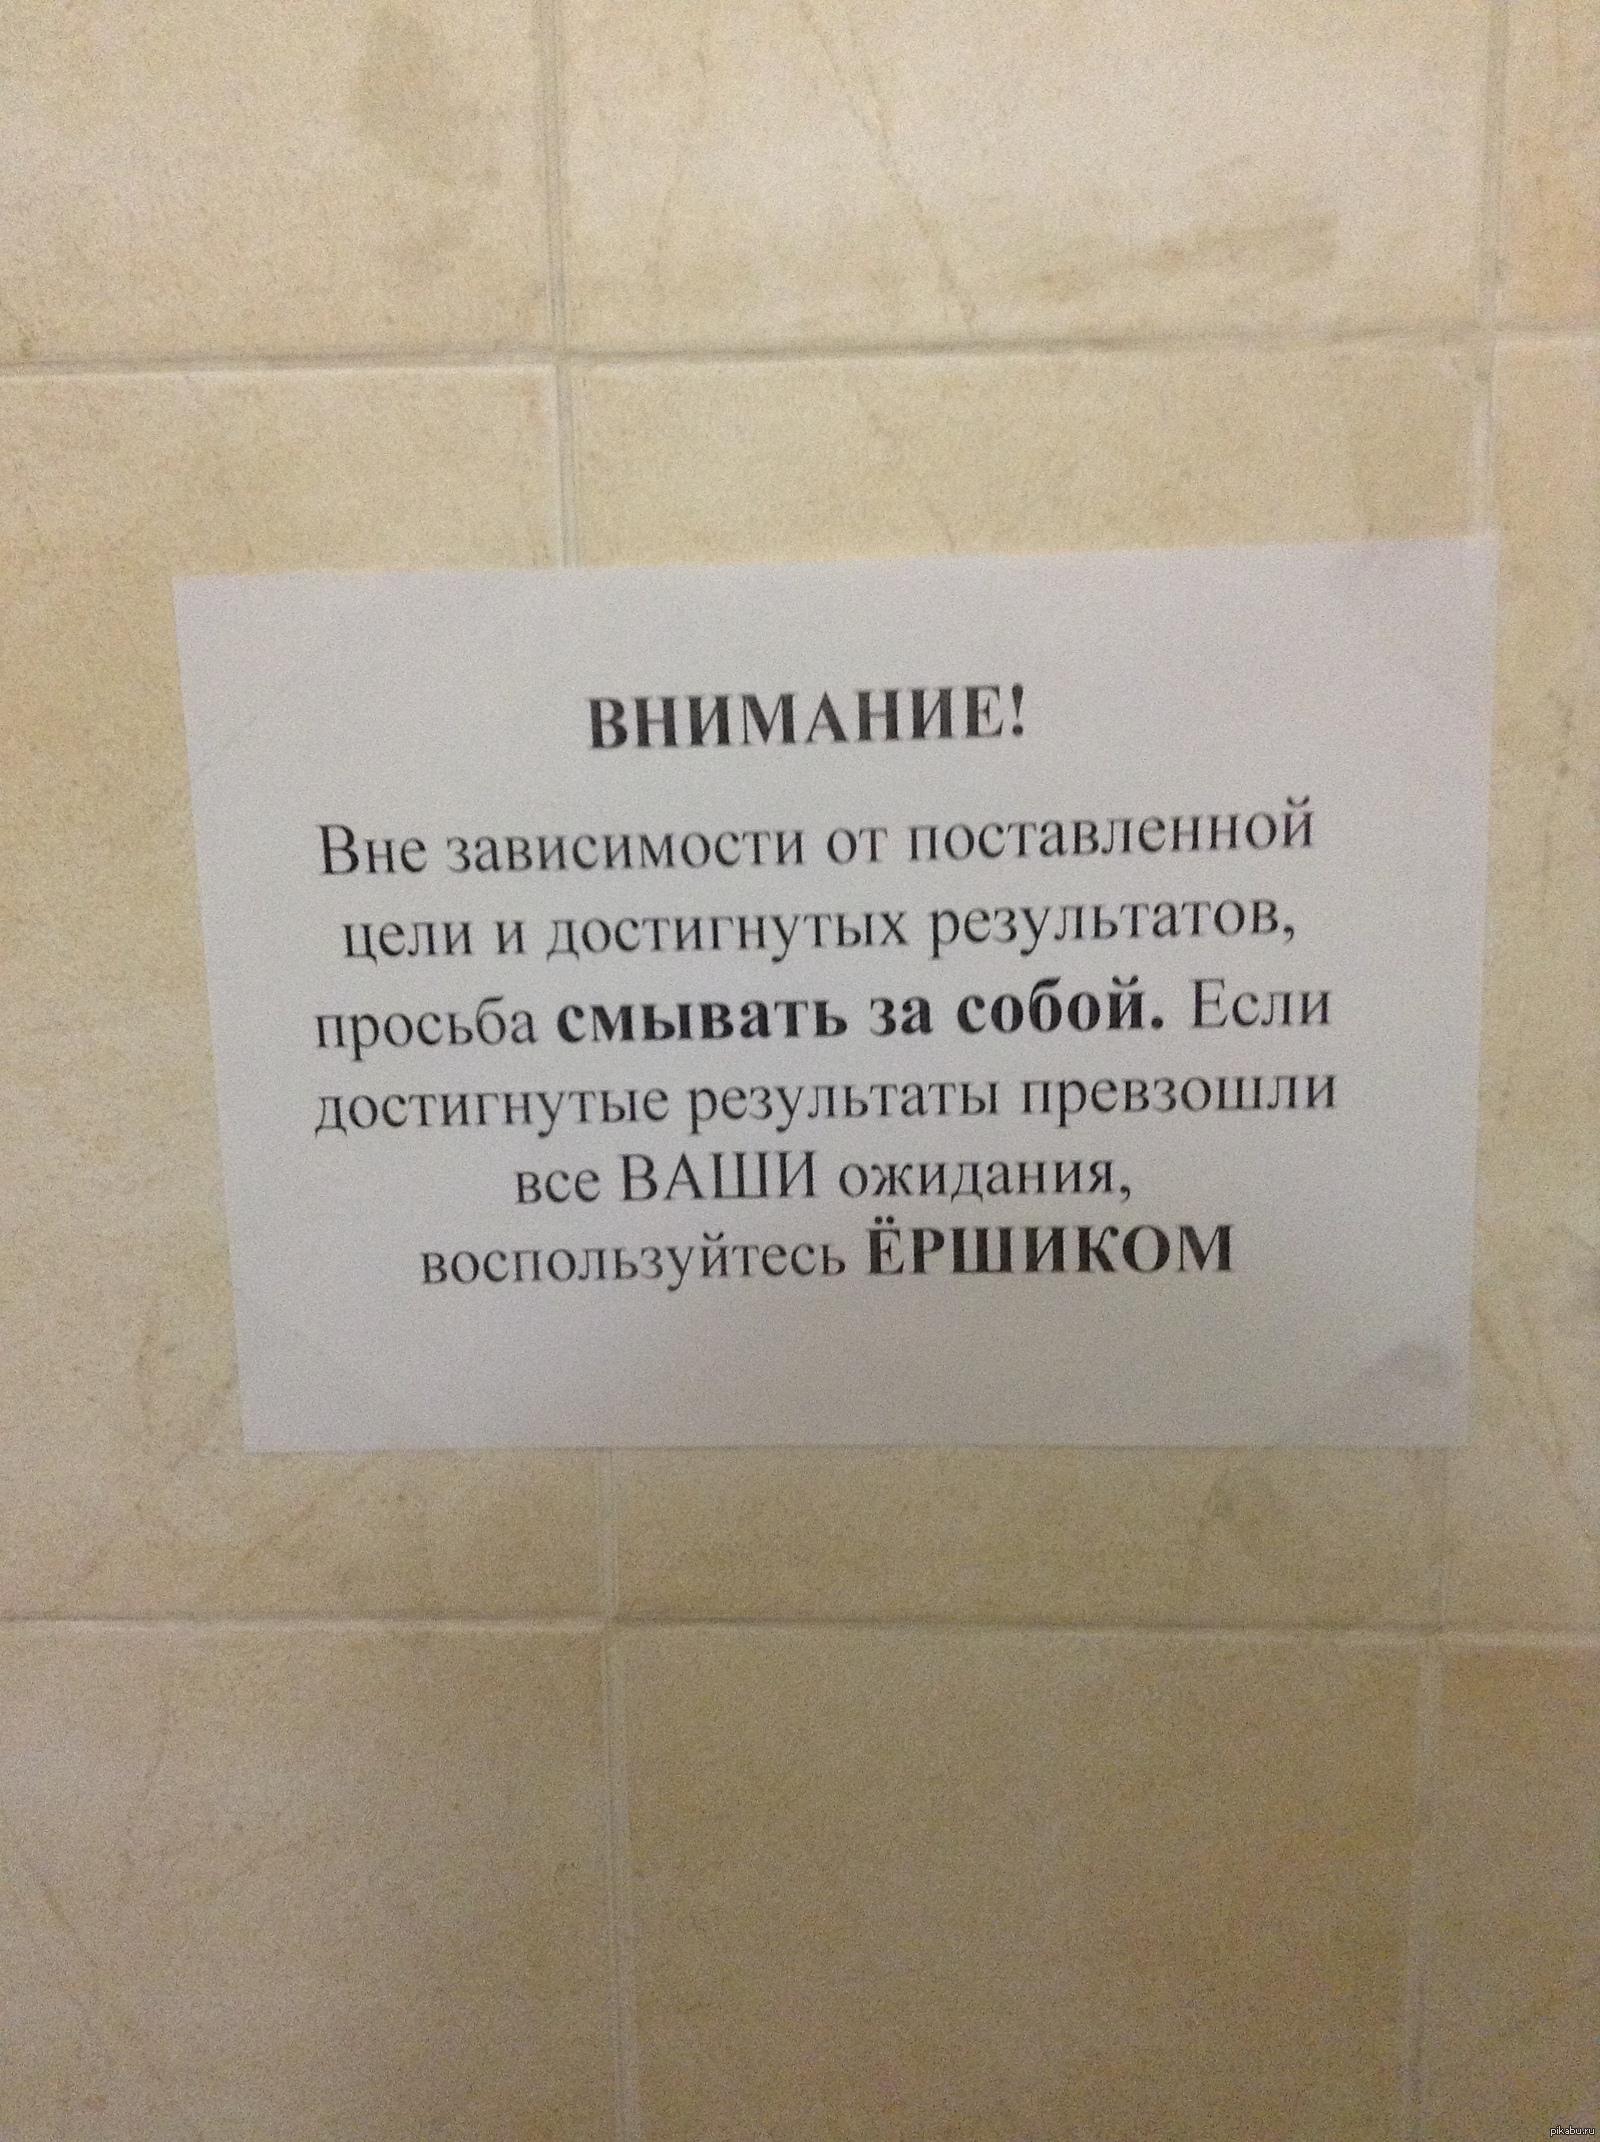 Картинка в туалет не ходить по большому